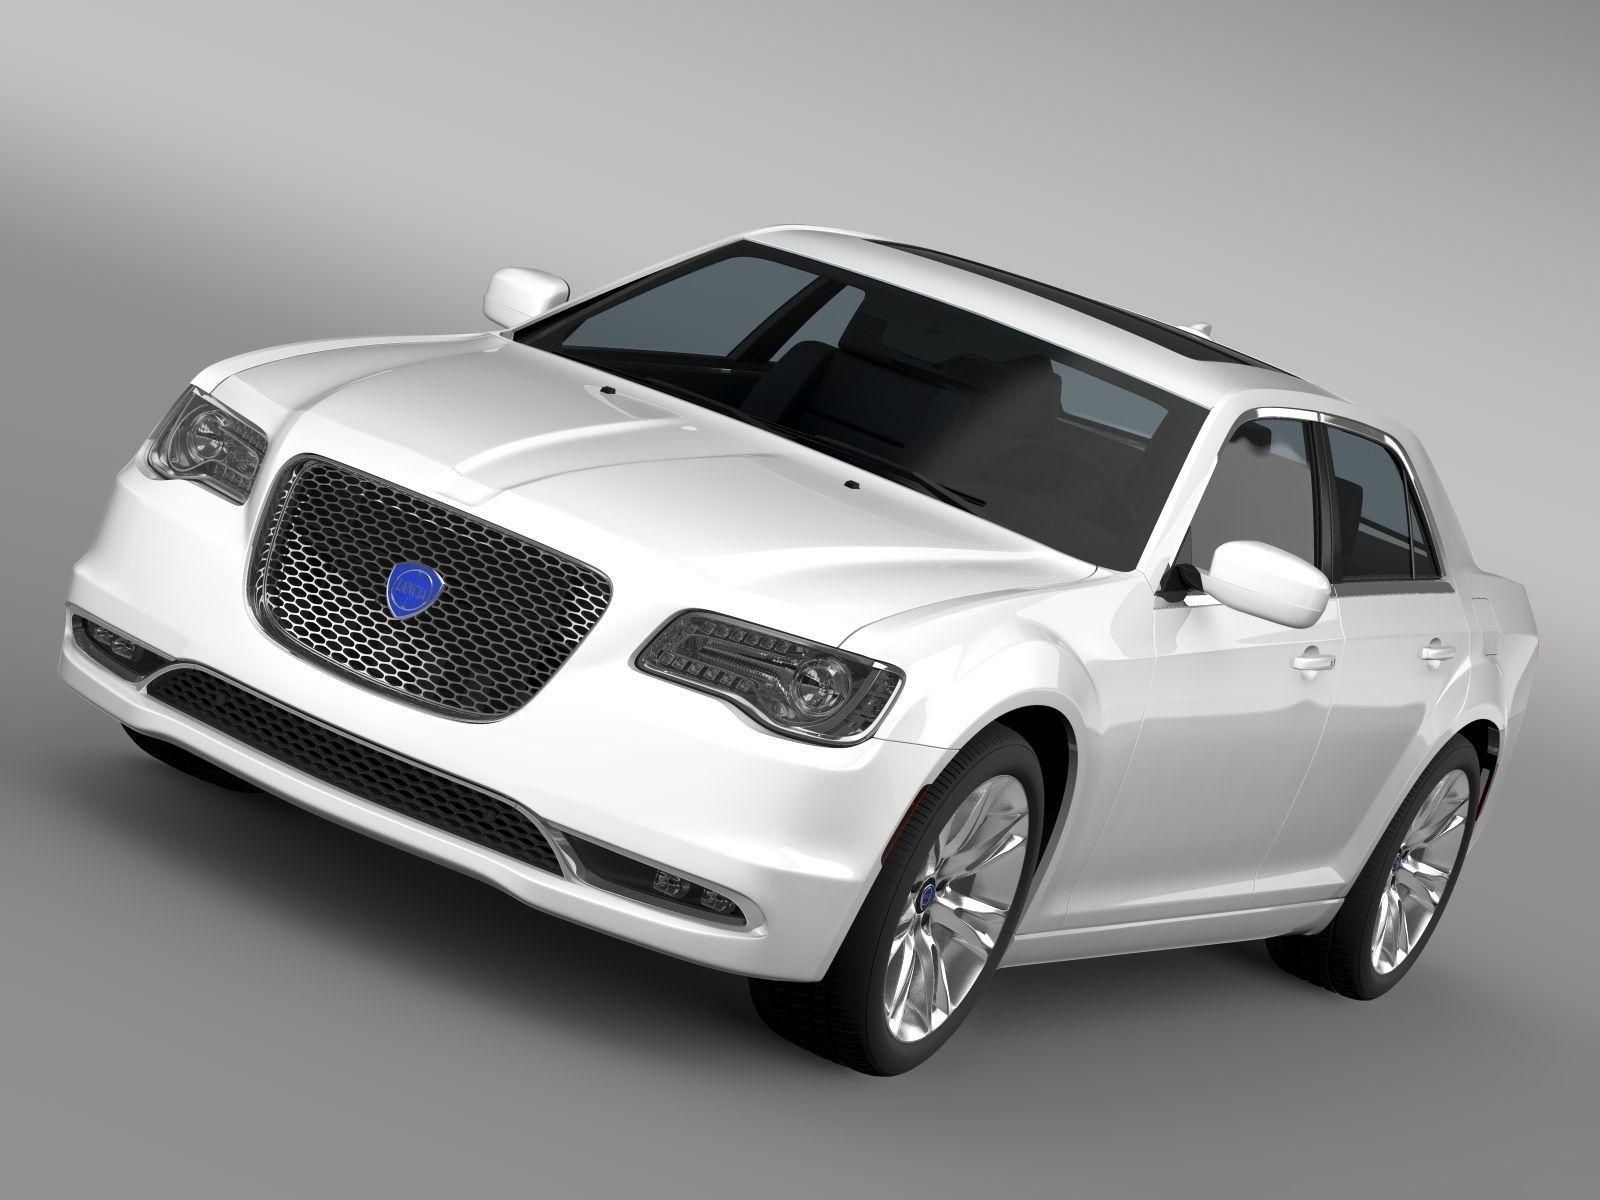 Lancia Thema 2017 3D model | CGTrader